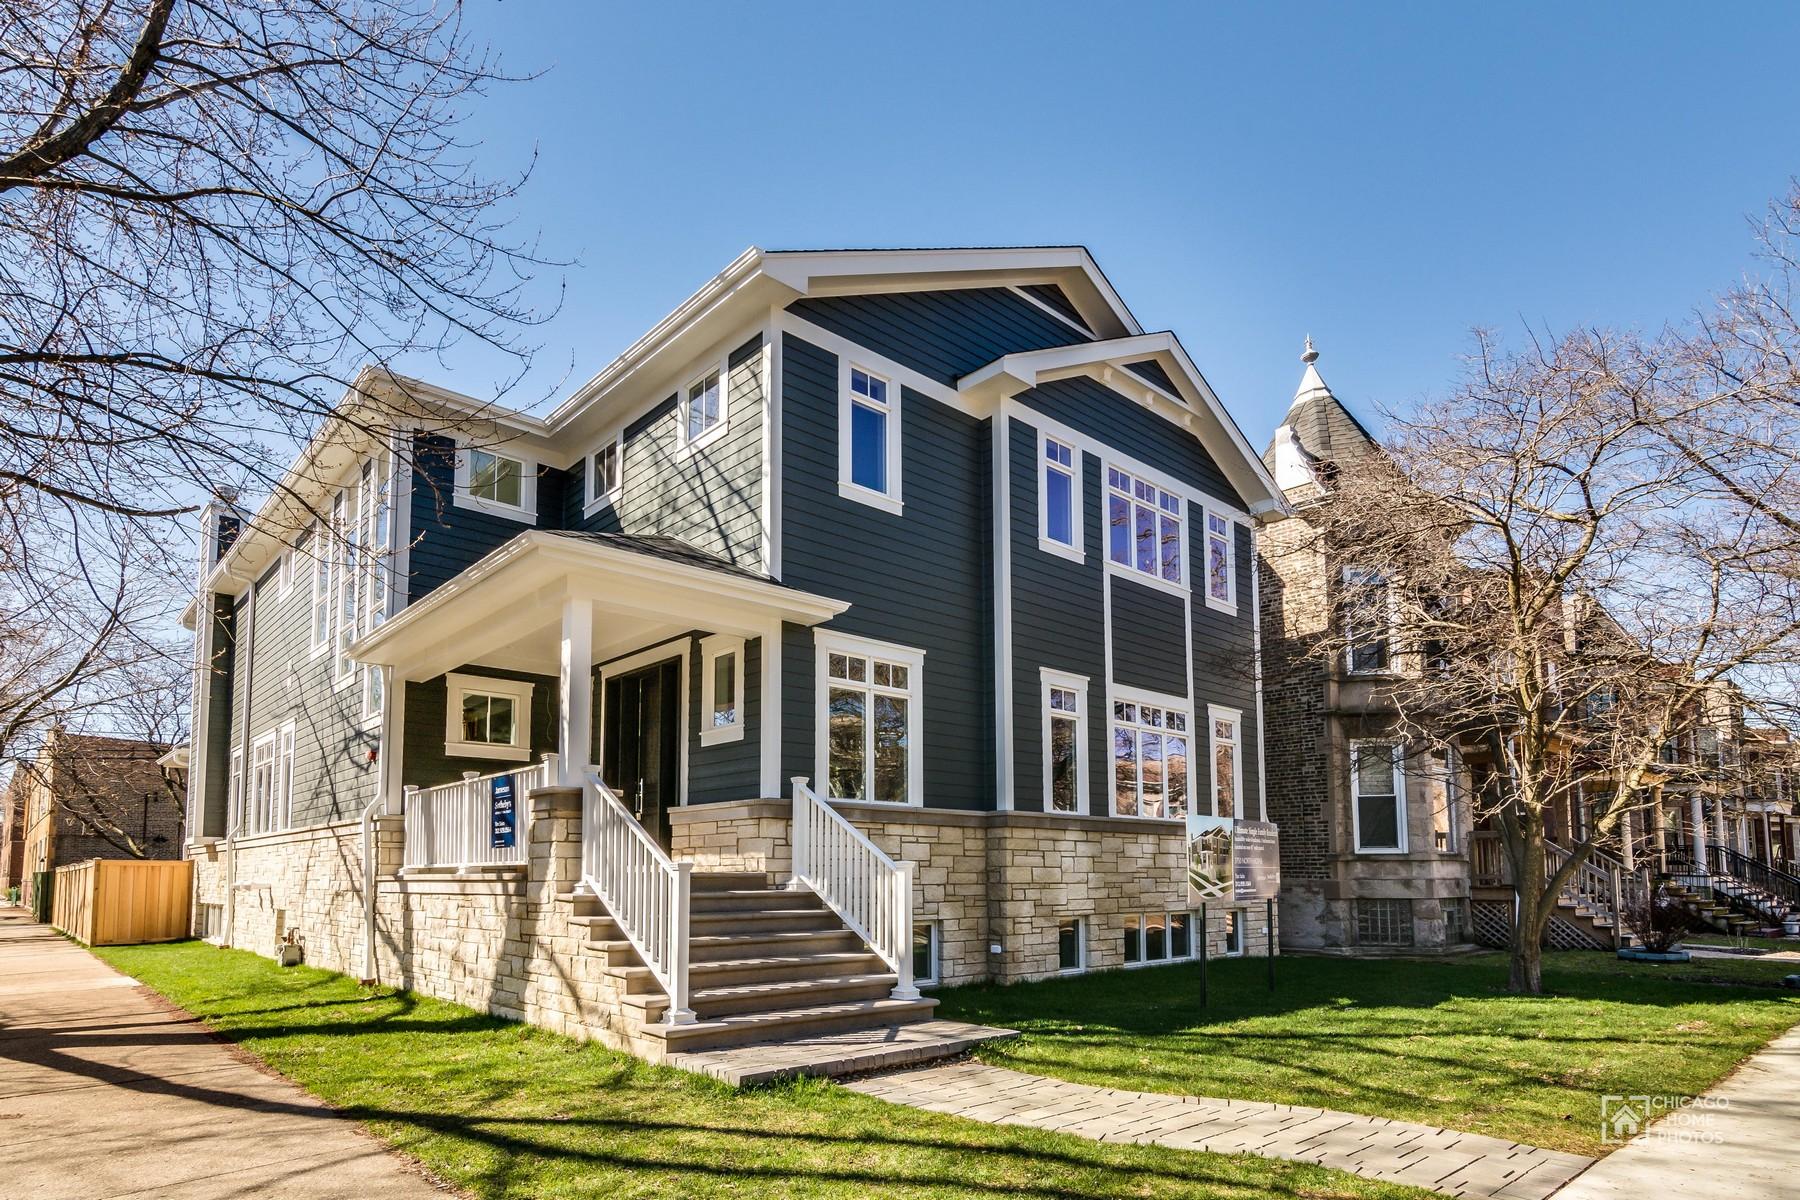 Maison unifamiliale pour l Vente à Gorgeous New Construction on Rare Corner Lot 3750 N Hoyne Avenue Chicago, Illinois, 60618 États-Unis